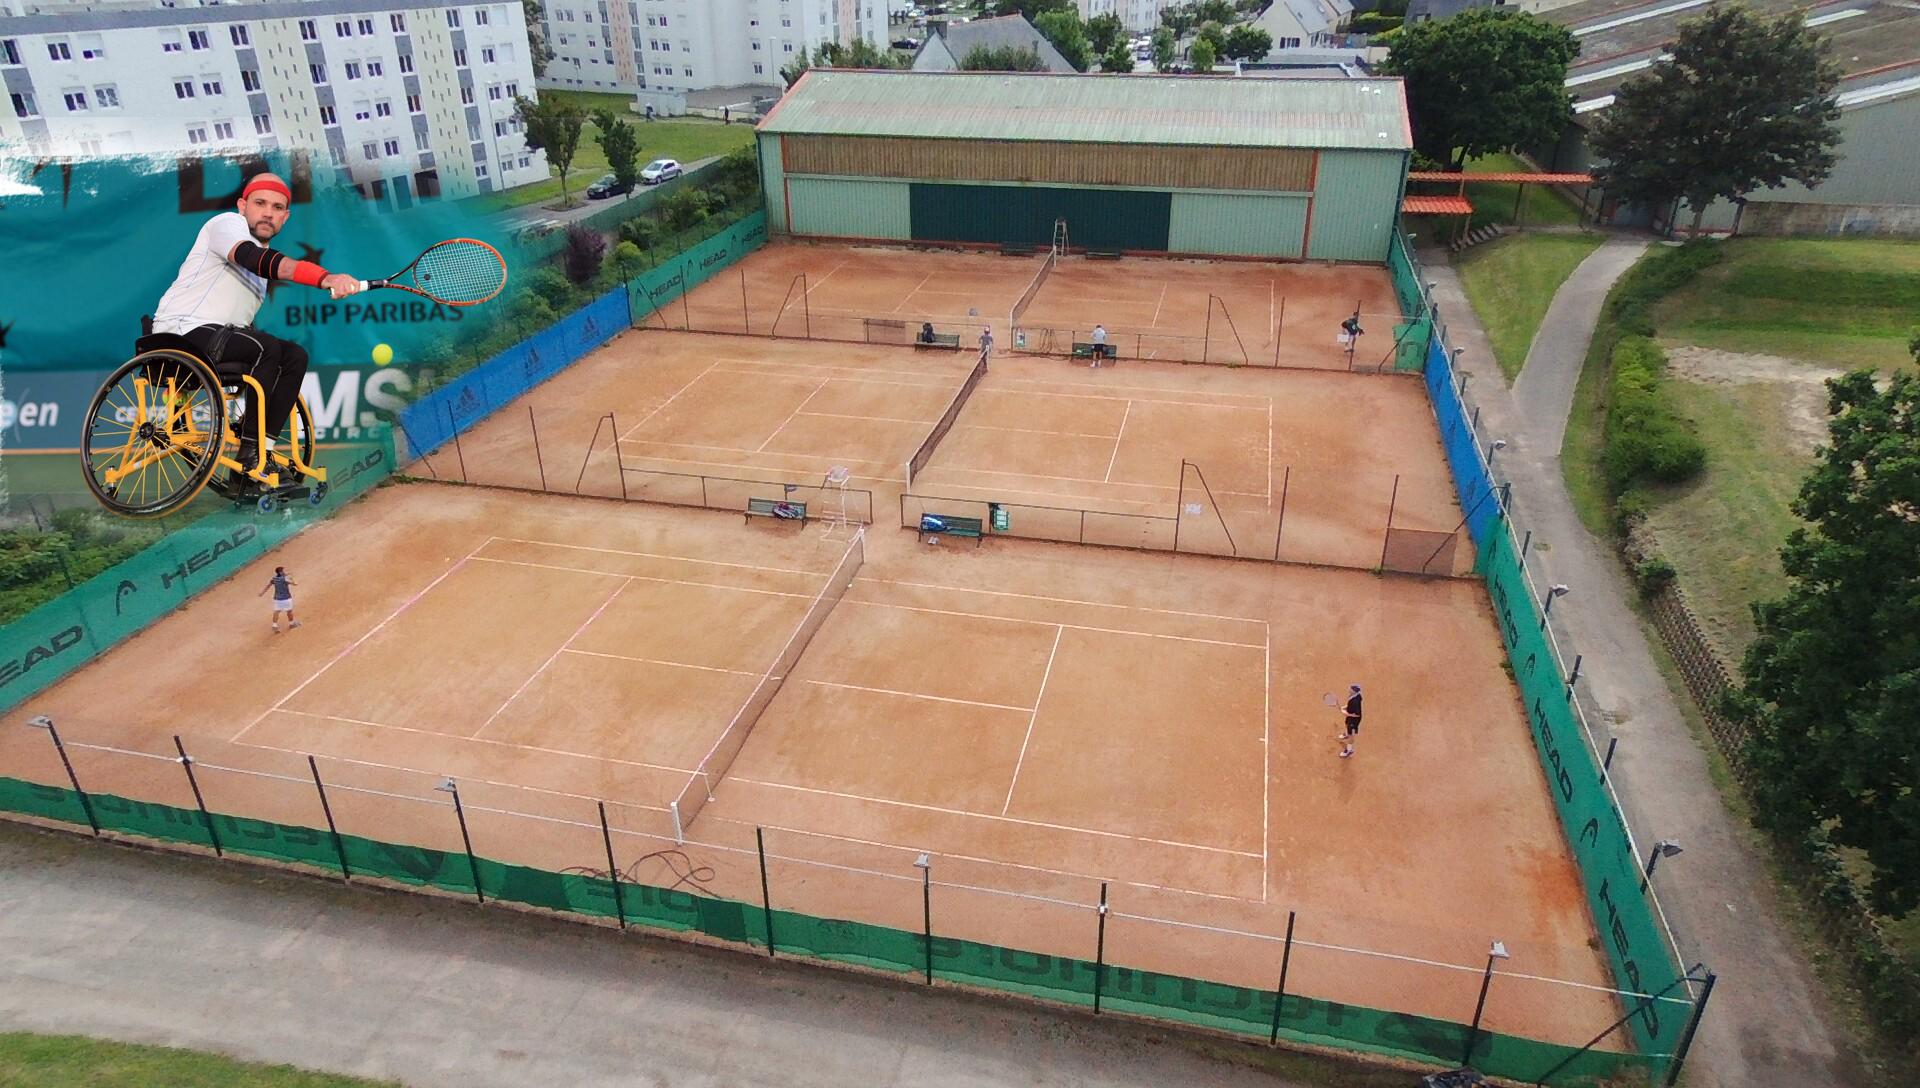 Tennis club Brestois